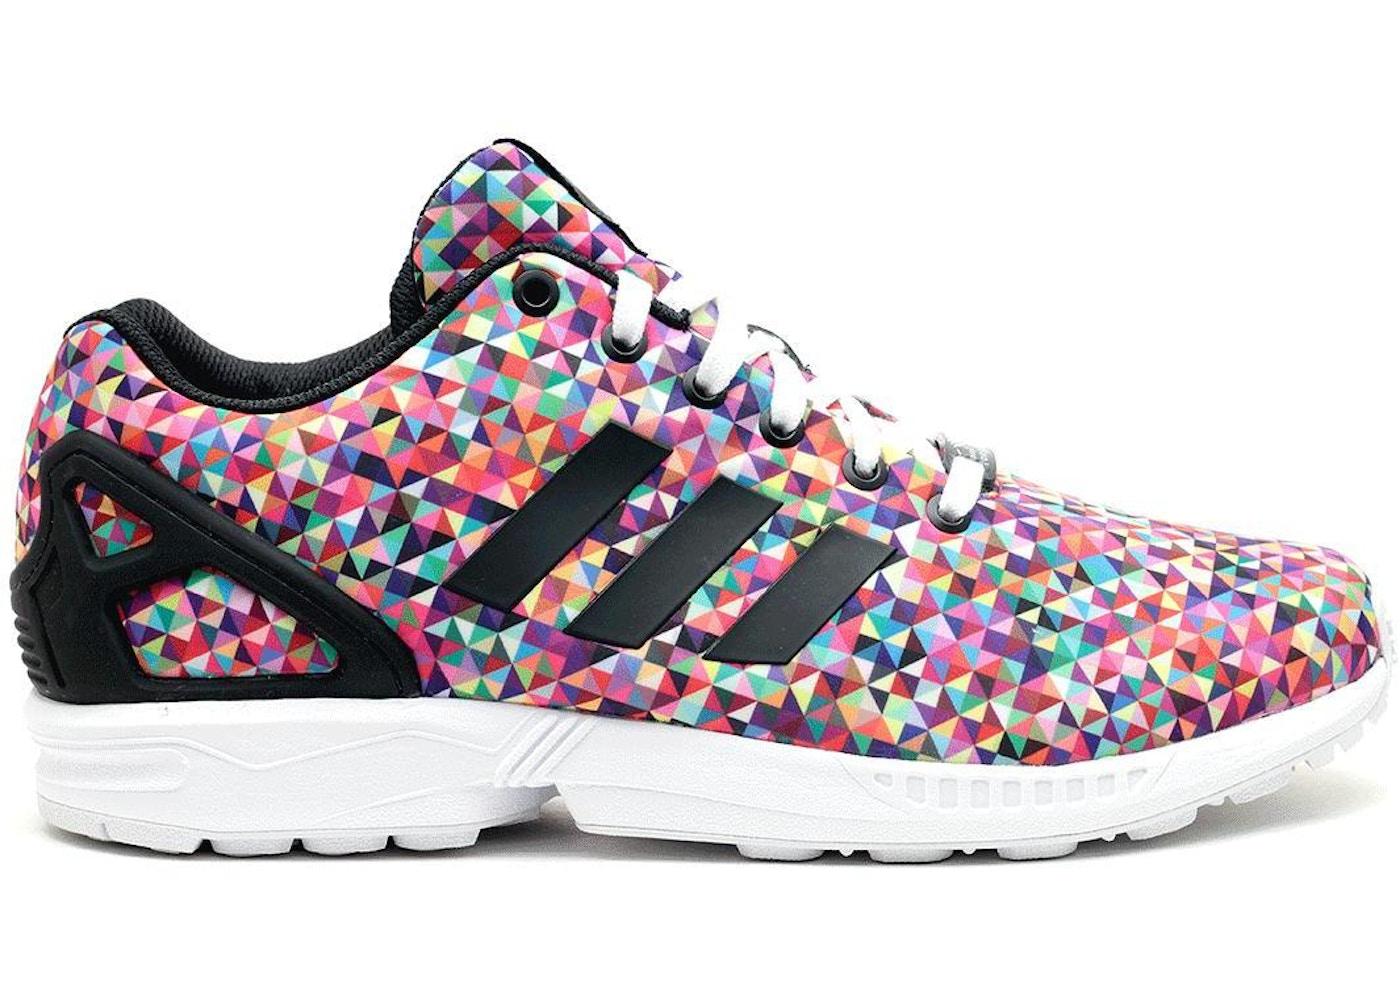 buy popular 2d5e1 c5a42 adidas ZX Flux Multi-Color Prism